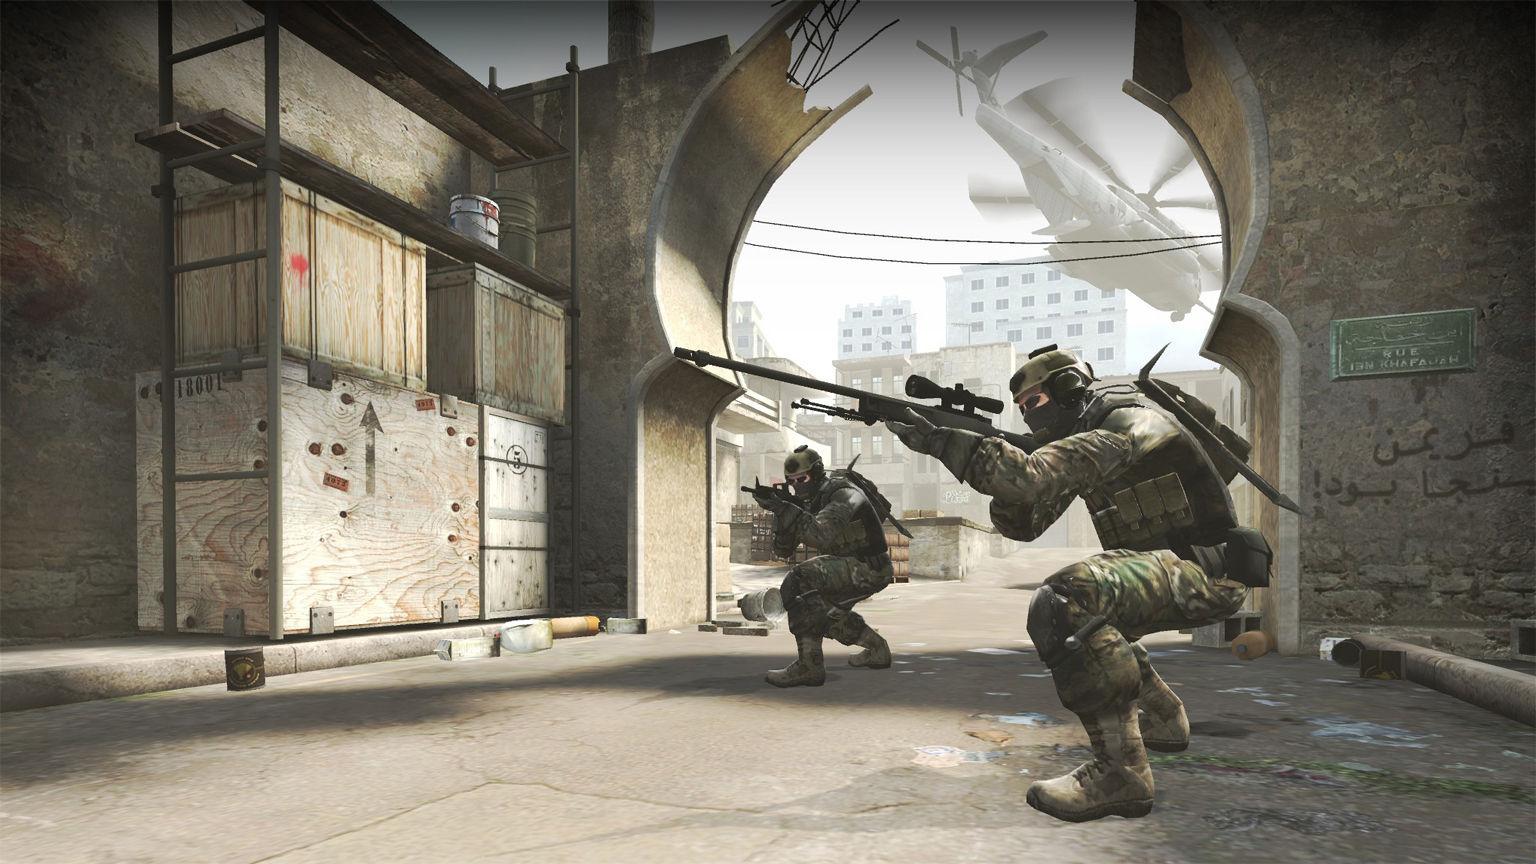 Где купить скины для оружия Counter Strike - продажа скинов ивещей для CS GO